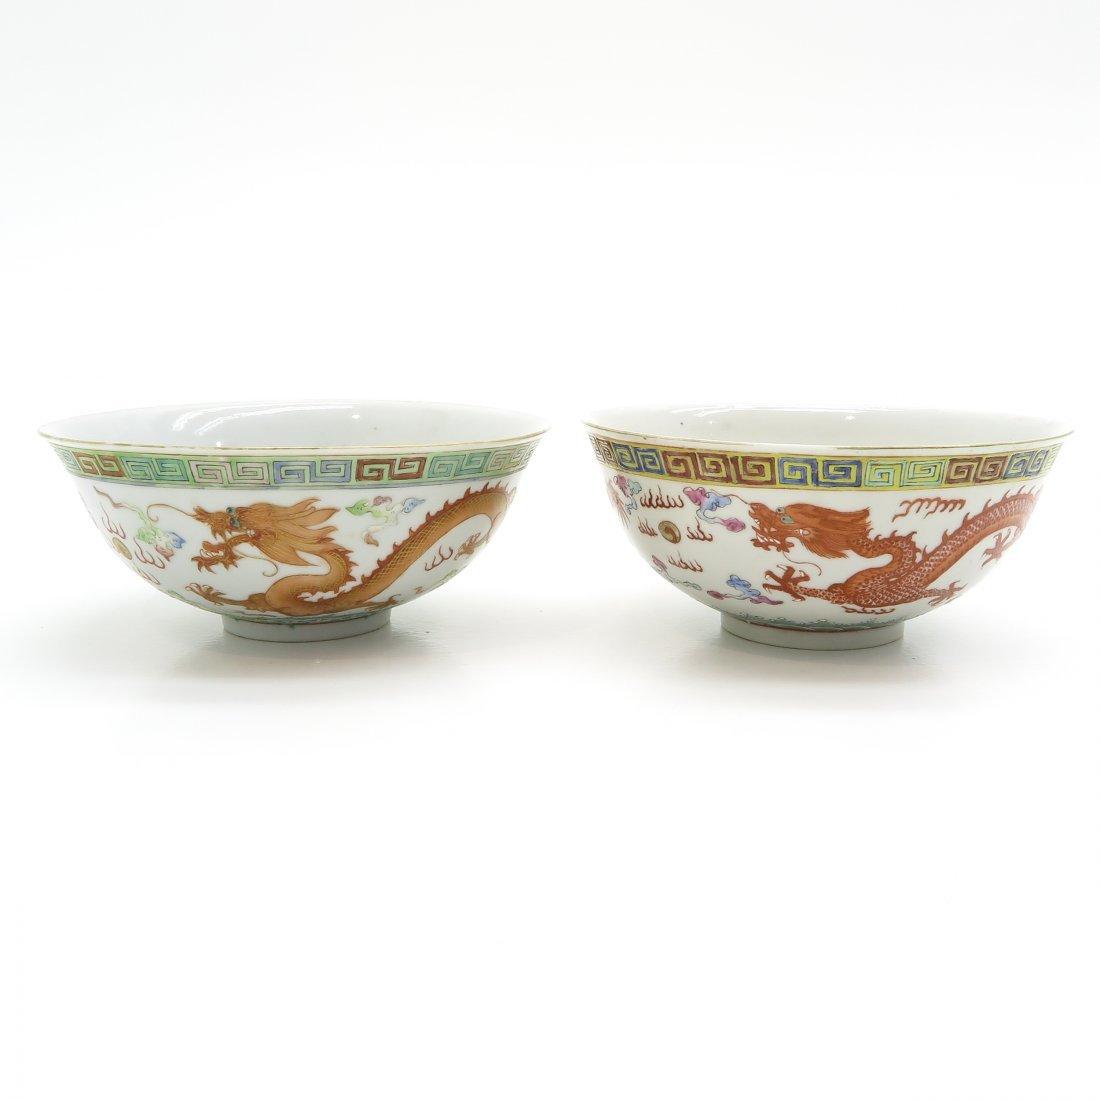 Lot of 2 Guangxu Period China Porcelain Bowls